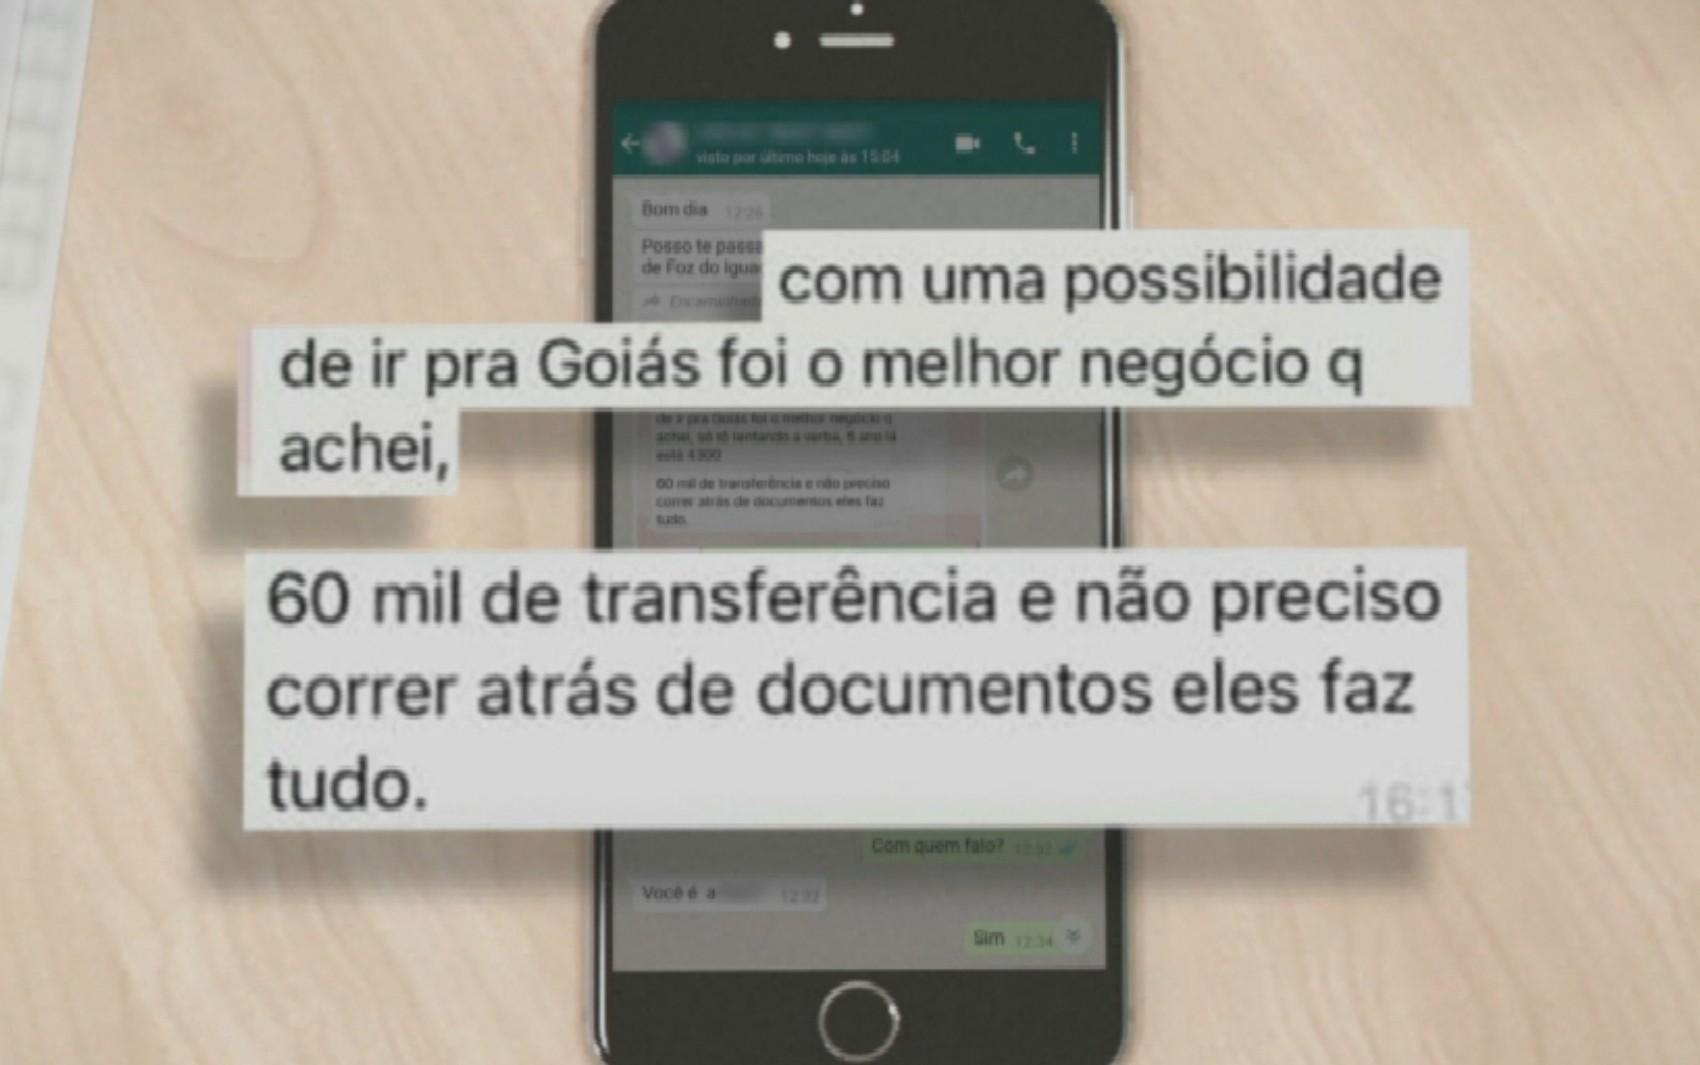 Polícia apura se estudantes pagavam até R$ 80 mil para fraudar documentos e cursar medicina em faculdade de Goiás